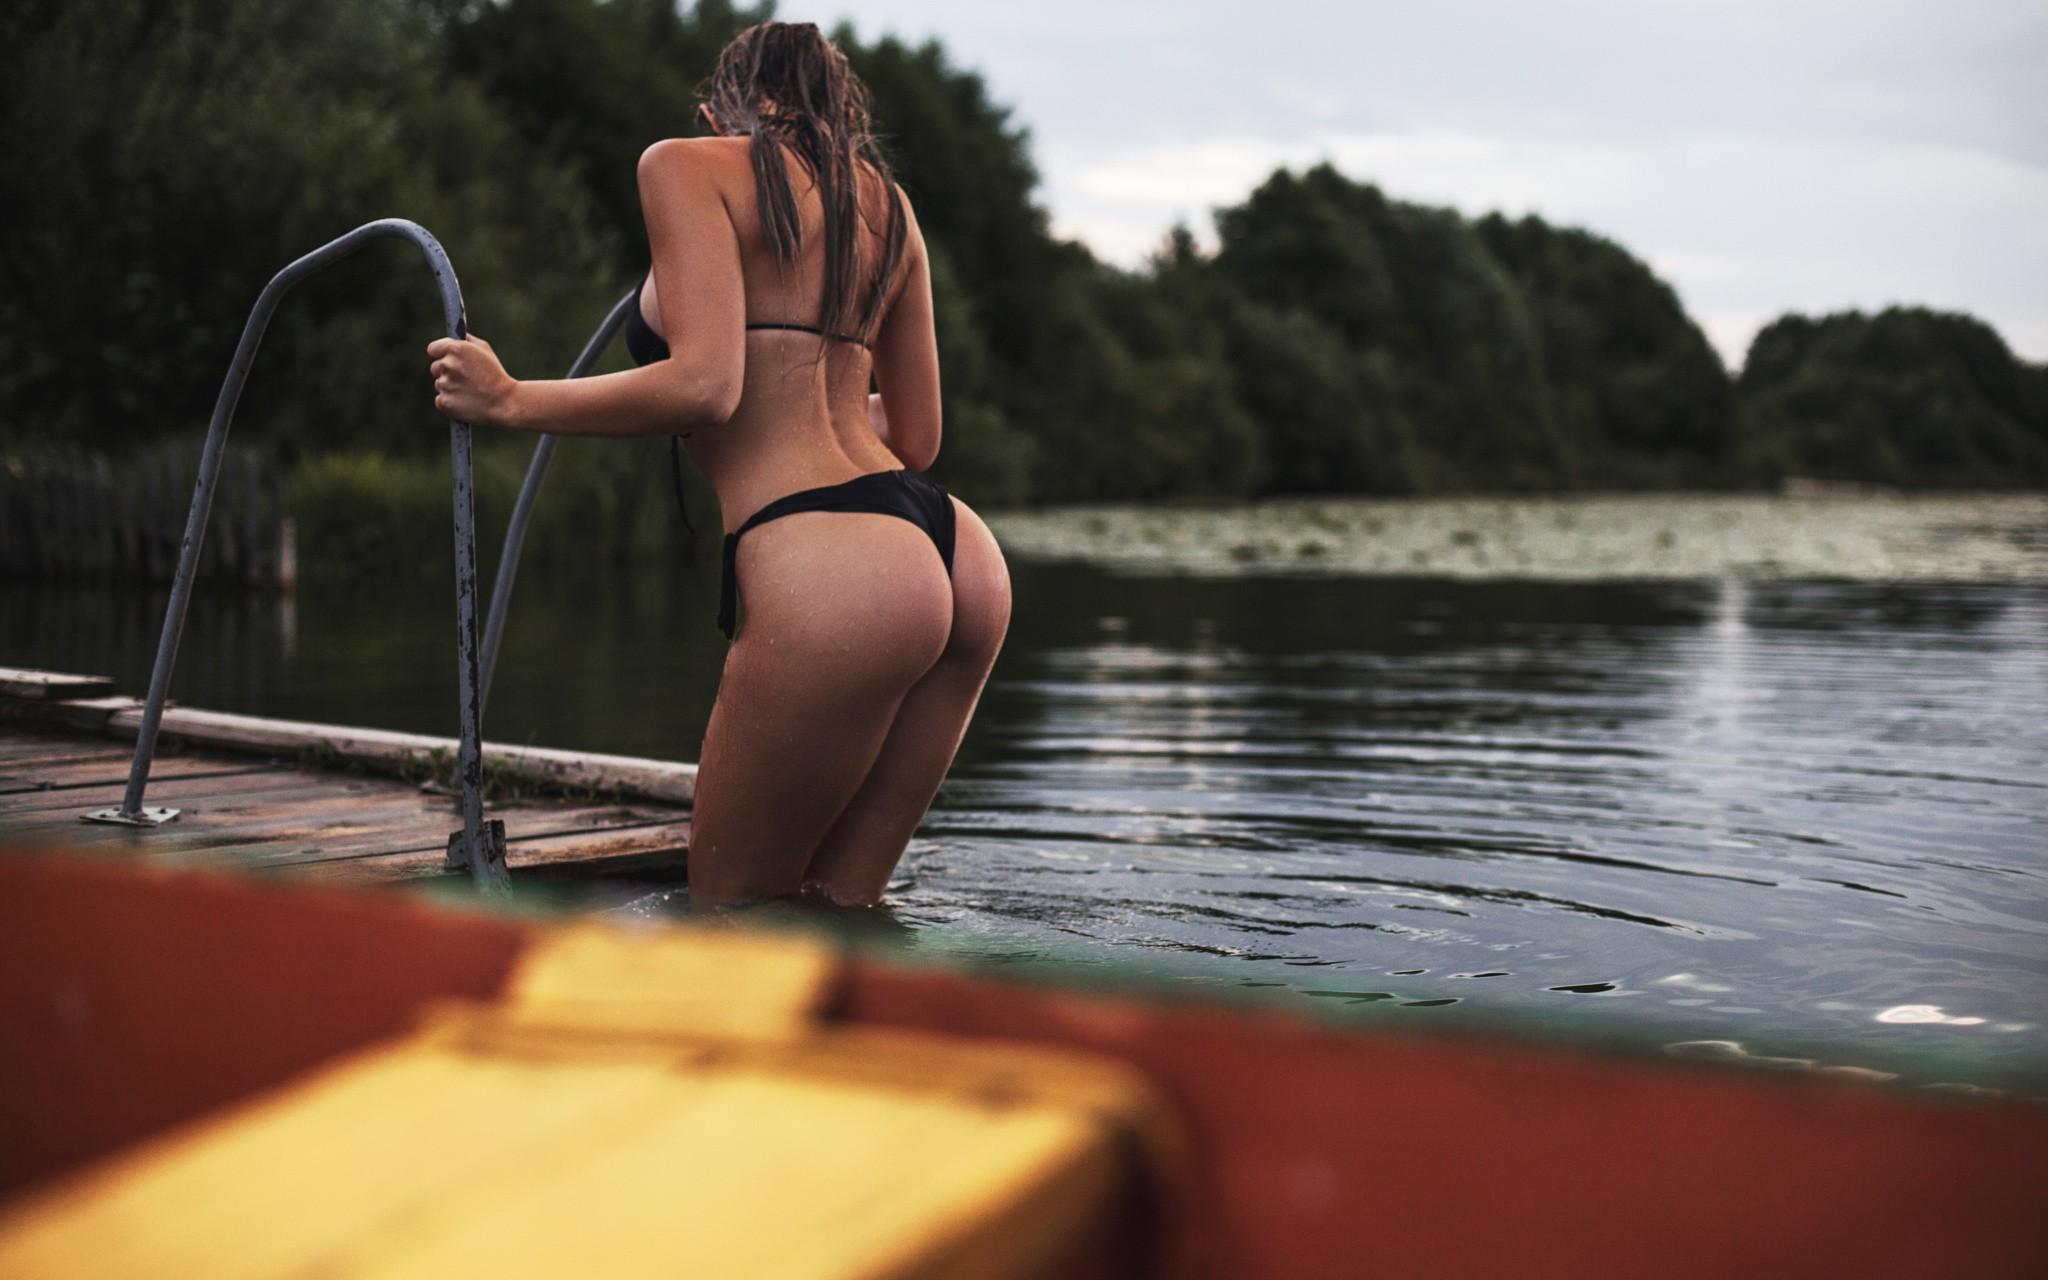 wet ass panties